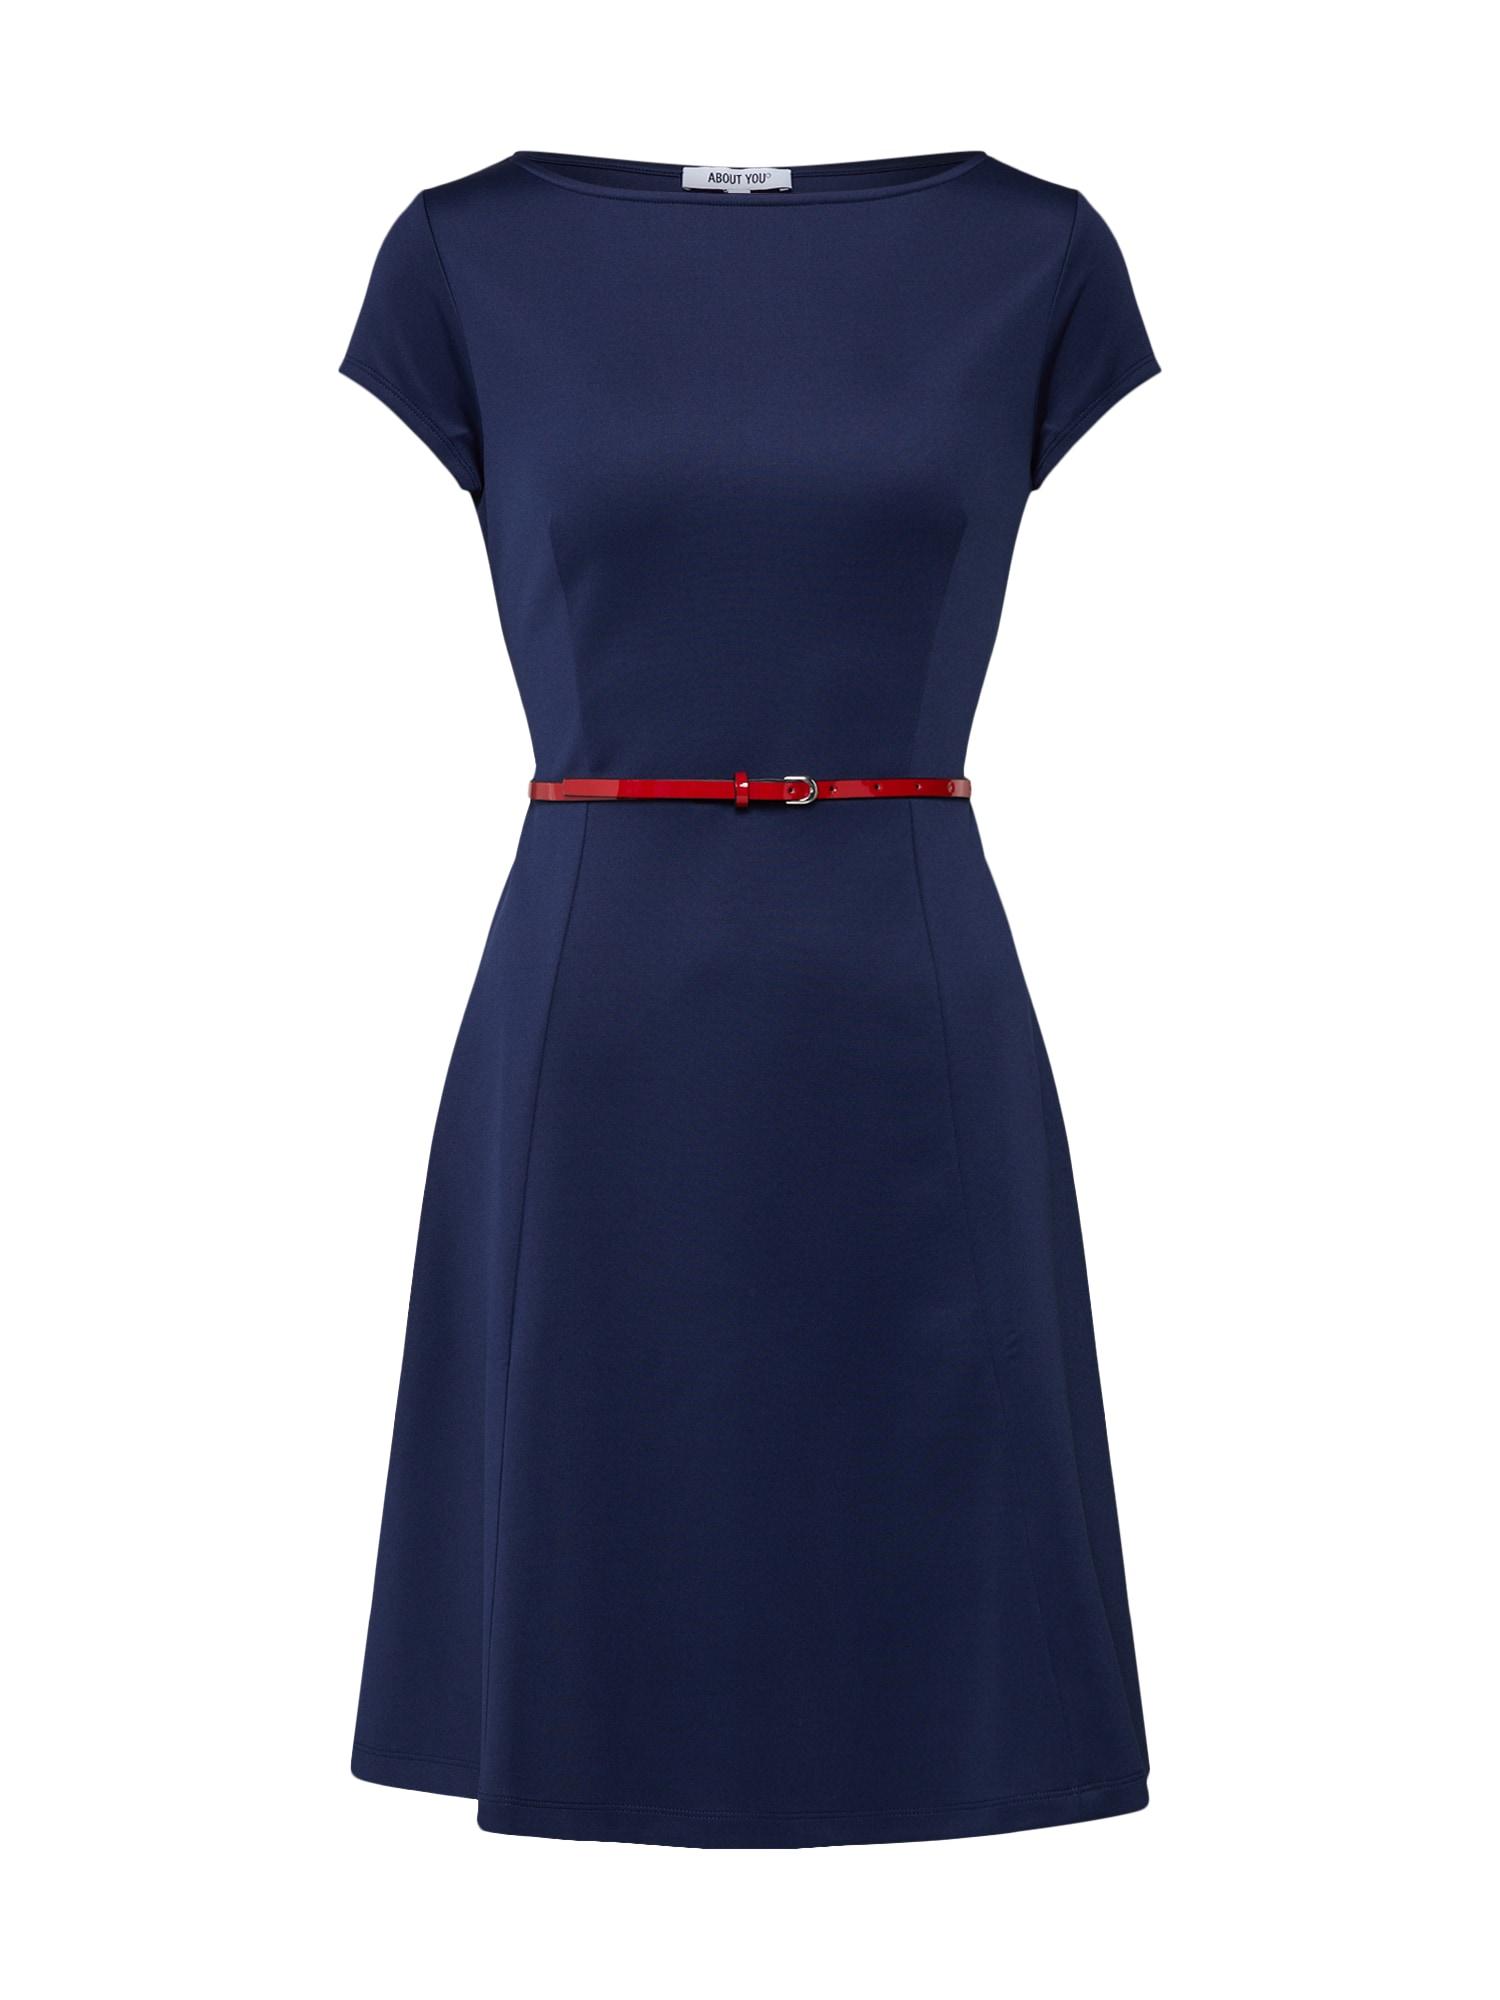 Šaty Vanessa noční modrá ABOUT YOU